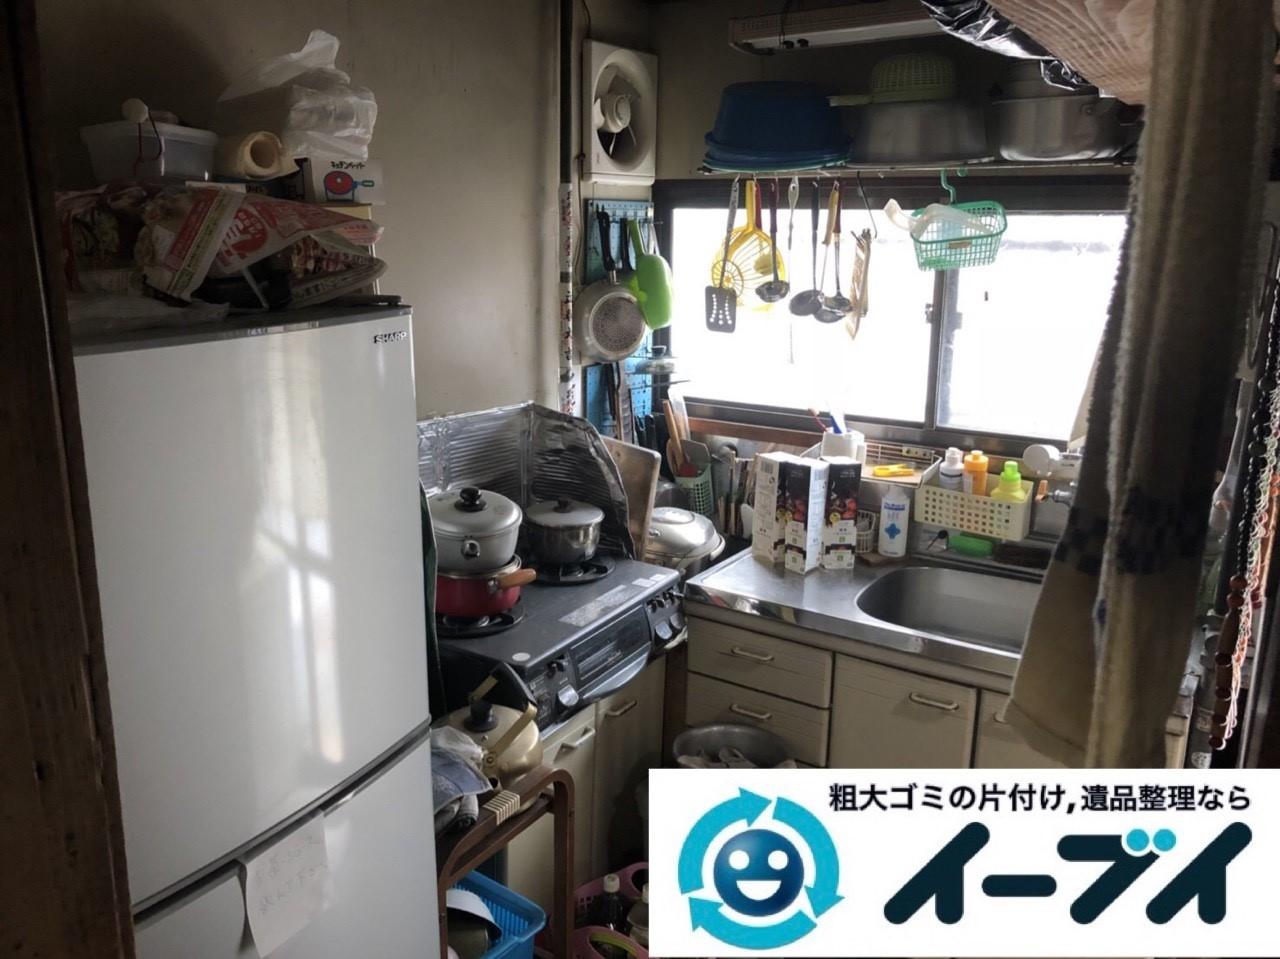 2019年4月2日大阪府大阪市住吉区で引越しに伴い台所と玄関の不用品回収。写真3